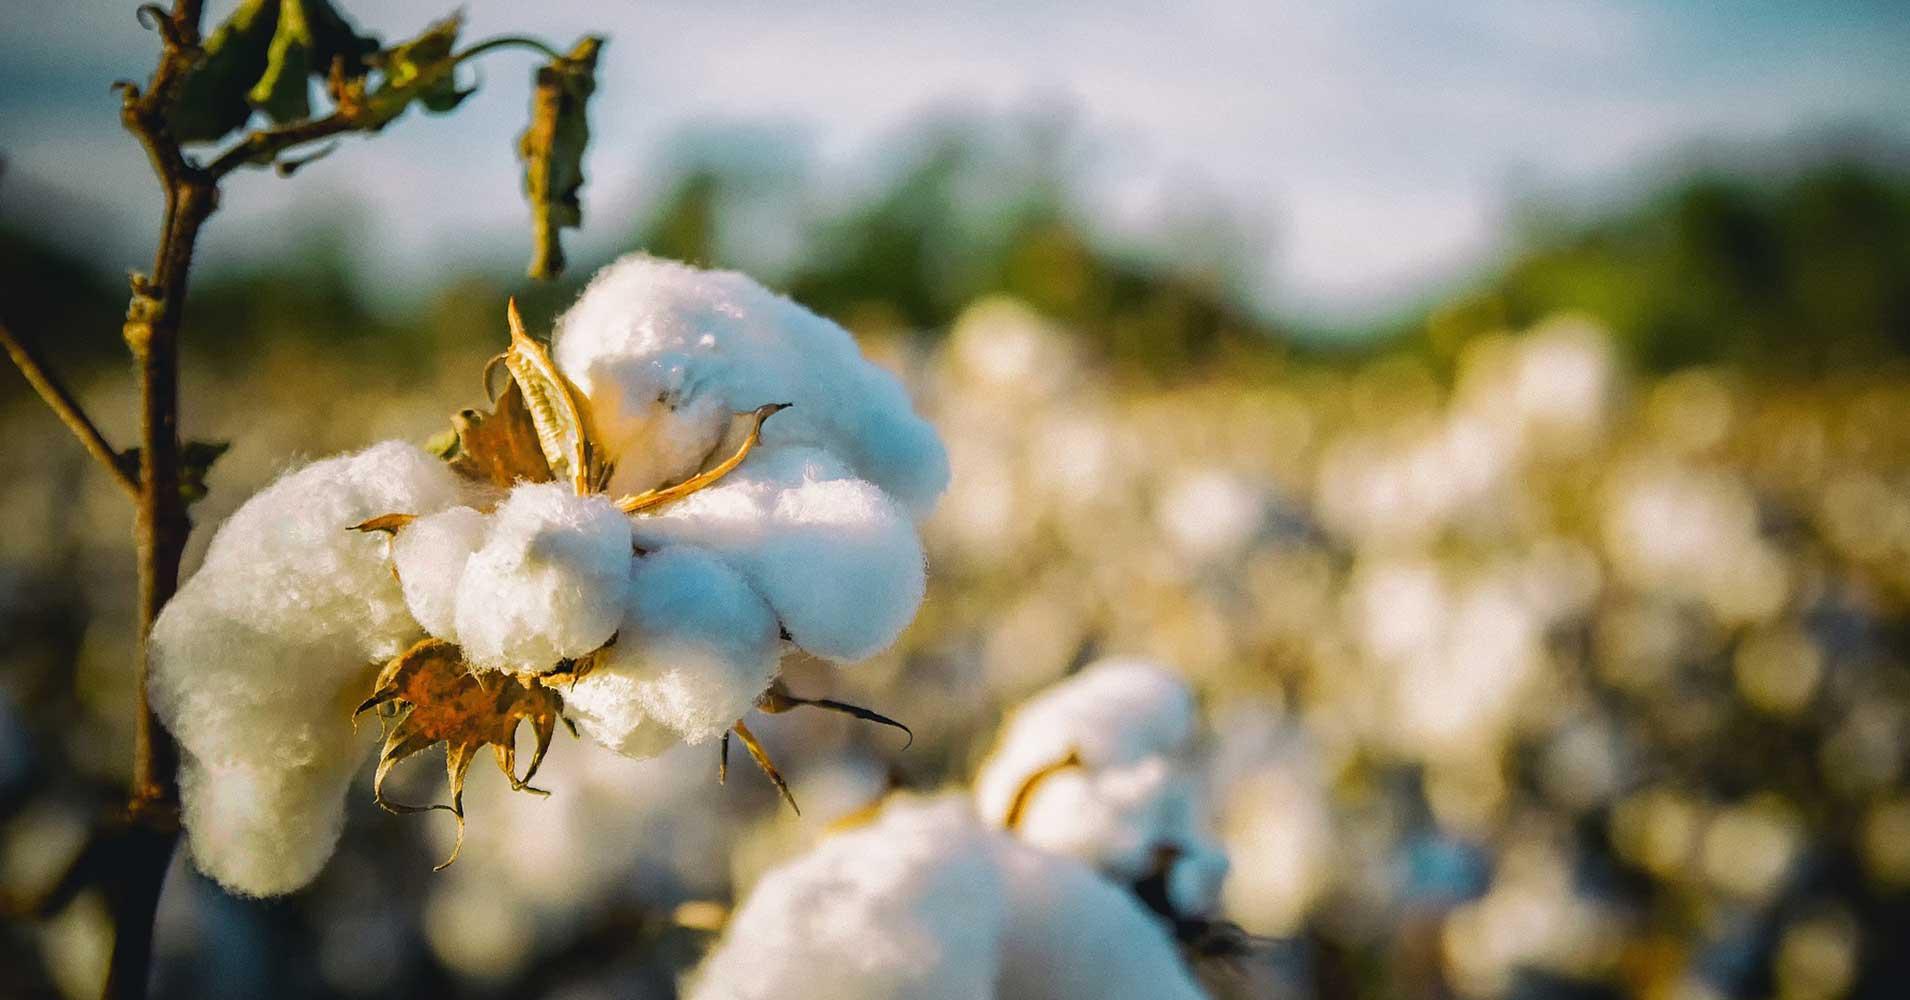 Loại bông biến đổi gene có hạt ăn được đã được Bộ Nông nghiệp Mỹ cho phép trồng. Ảnh: Futurism.